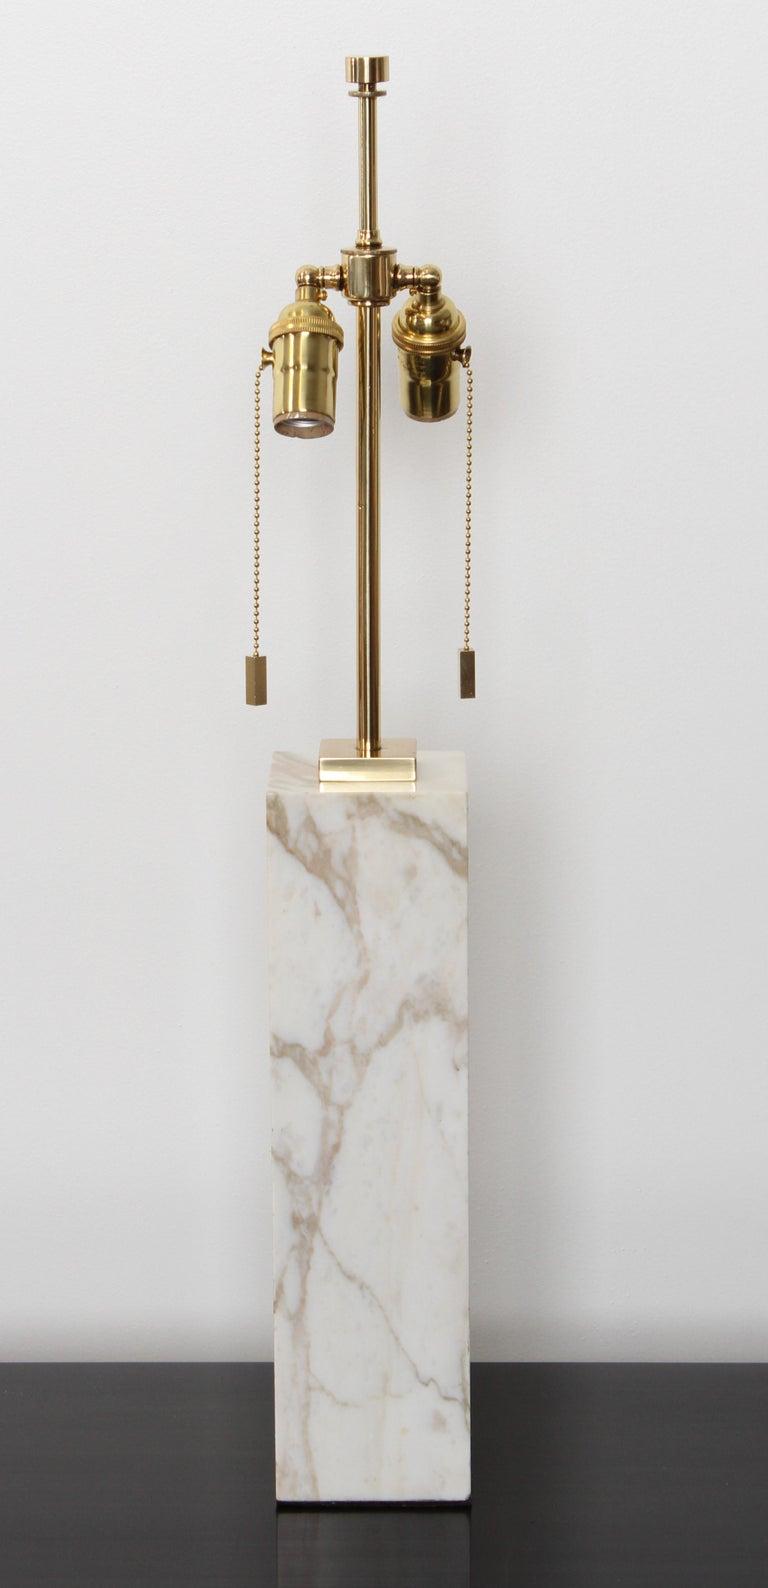 Mid-Century Modern Robsjohn Gibbings Marble Table Lamp by Hansen Lighting, 1950s For Sale